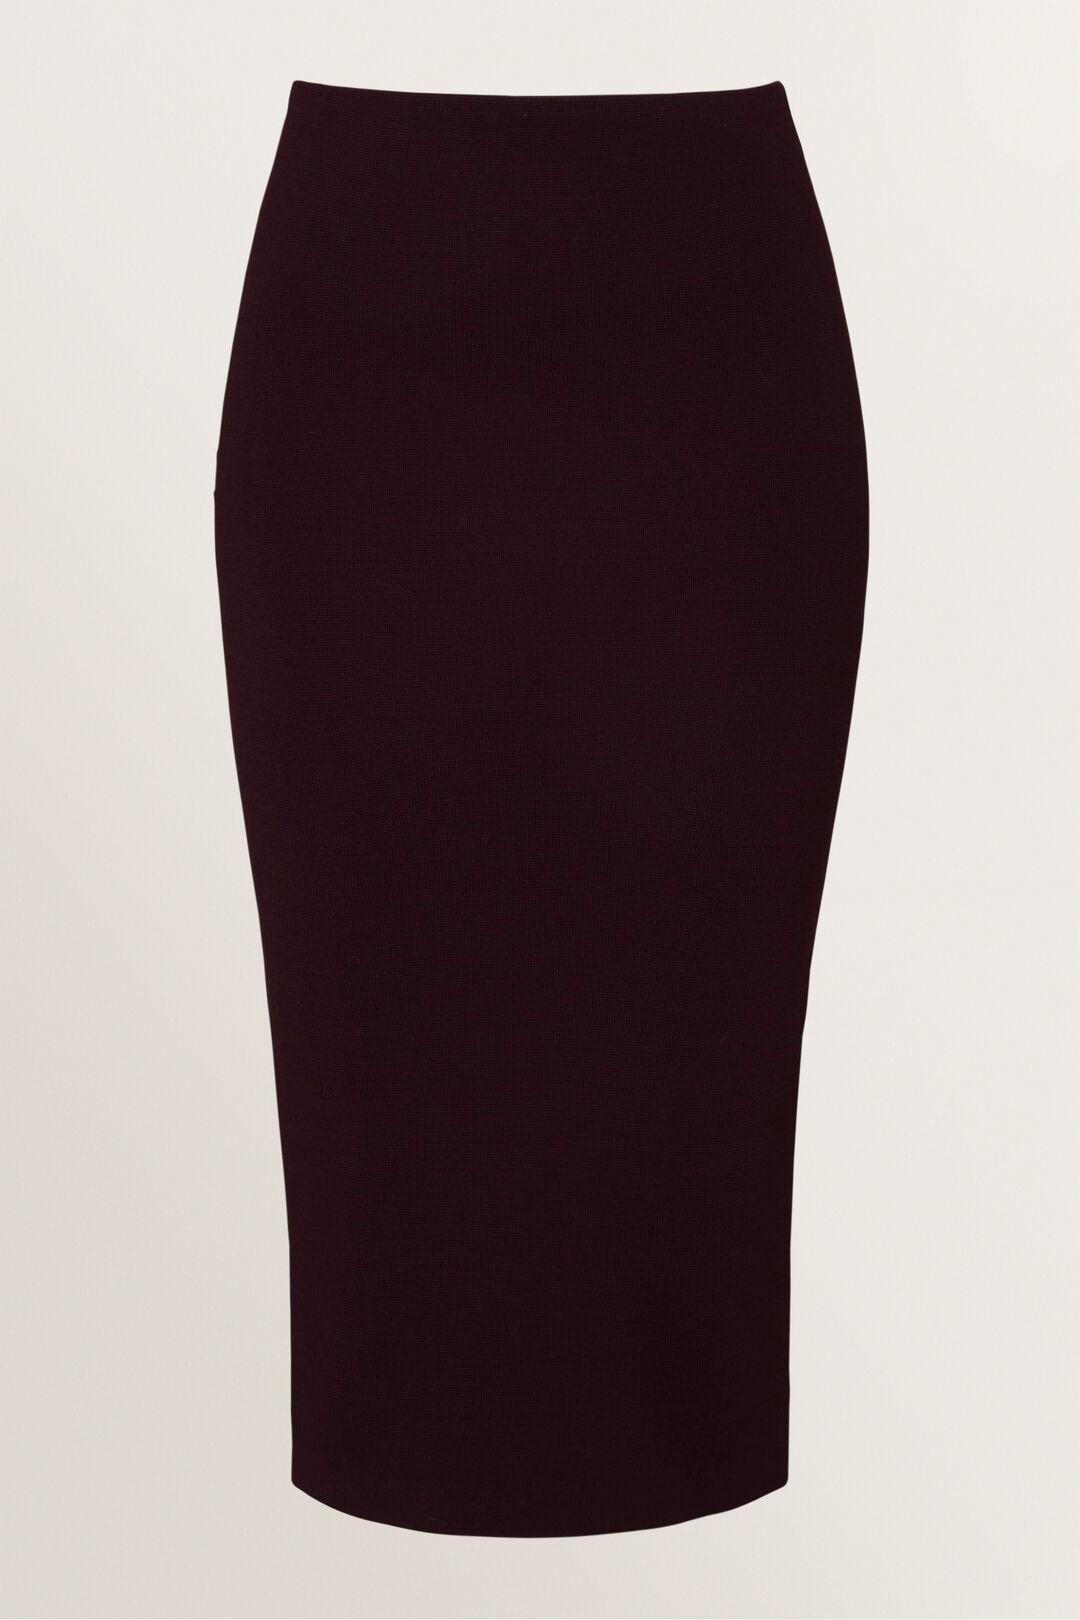 Crepe Pencil Skirt  DARK PLUM  hi-res